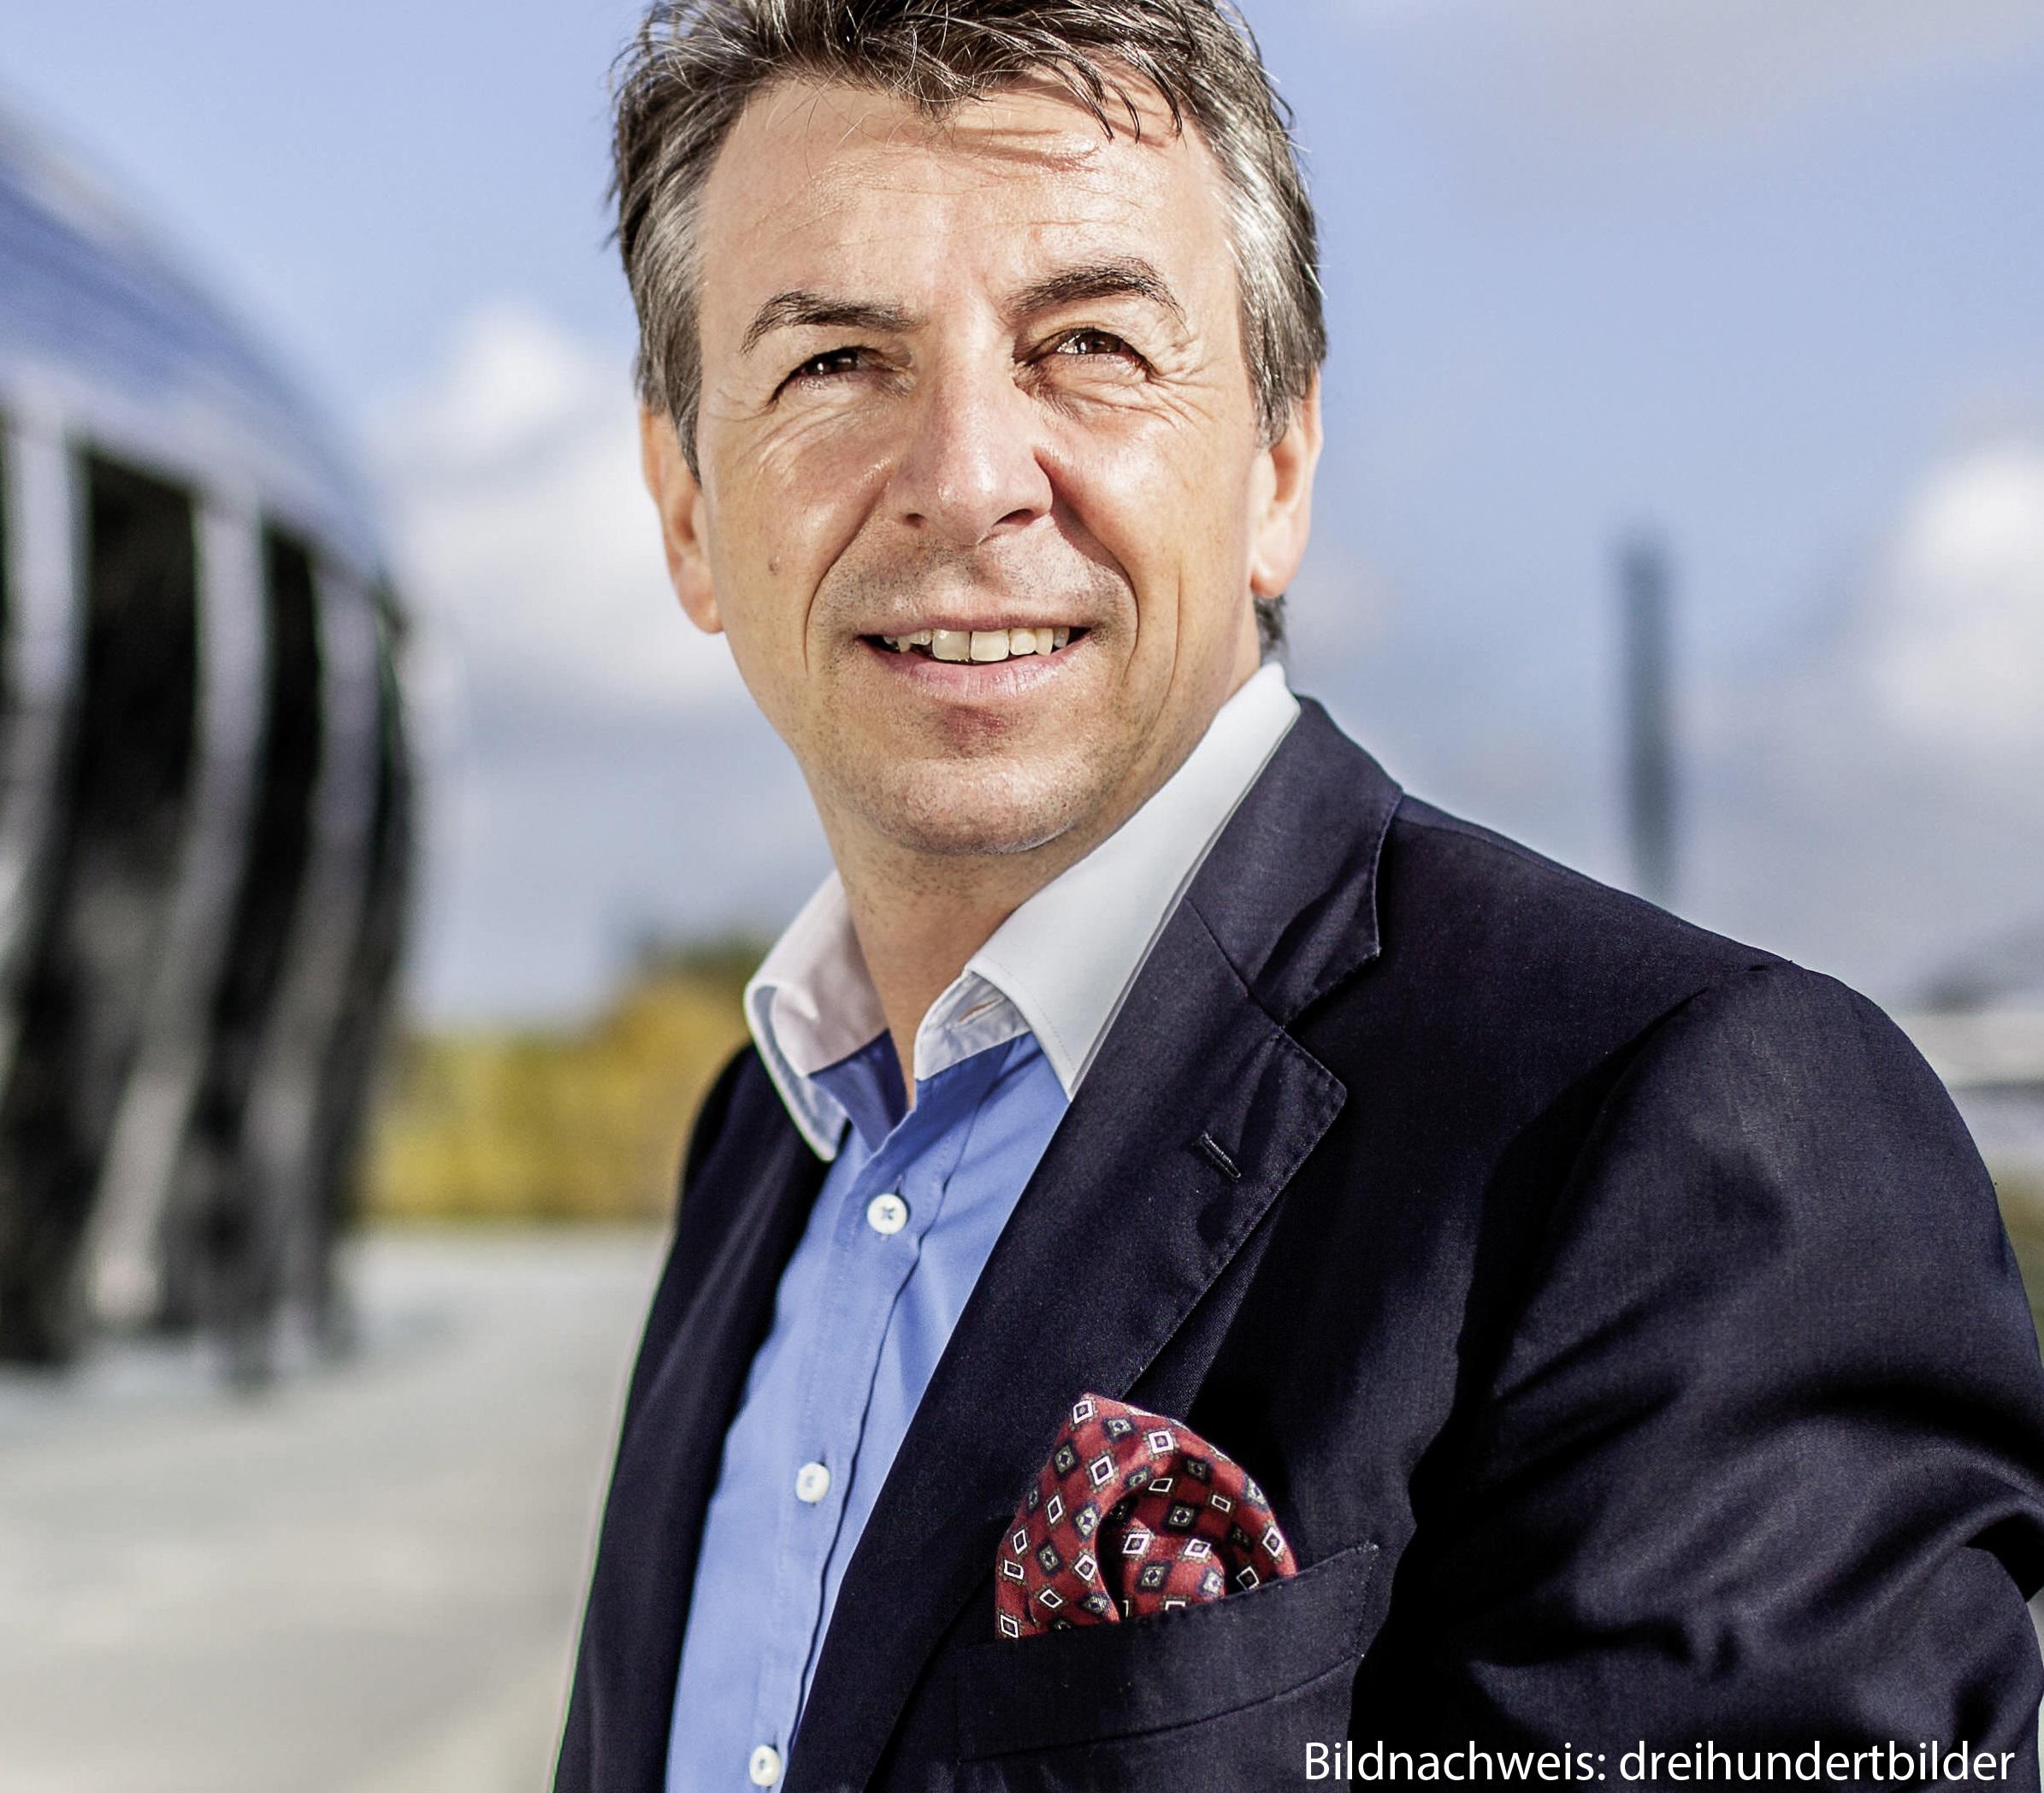 Dirk Schmidt Motivation Bildnachweiss dreihundertbilder